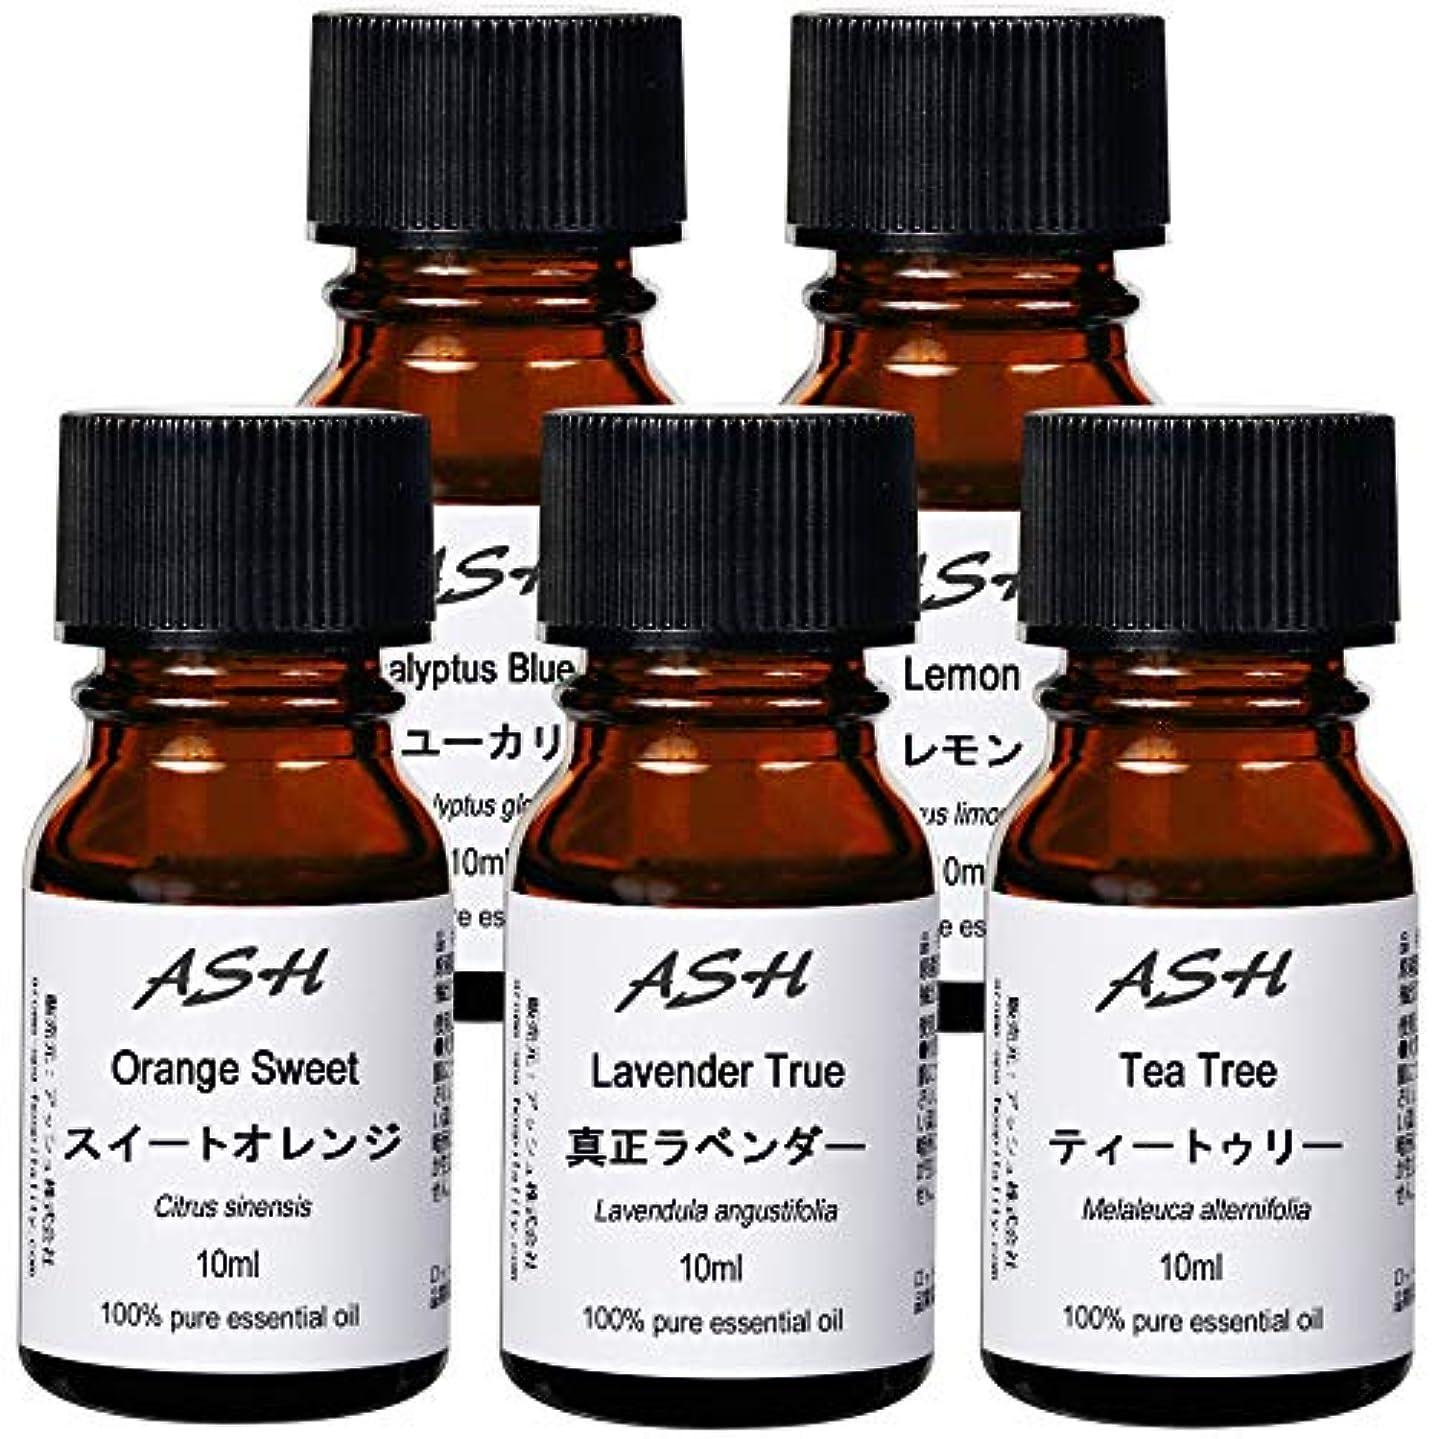 満足させる人差し指簡潔なASH エッセンシャルオイル B.ベーシック 10mlx5本セット (スイートオレンジ/ユーカリ/ラベンダー/レモン/ティートゥリー) AEAJ認定精油